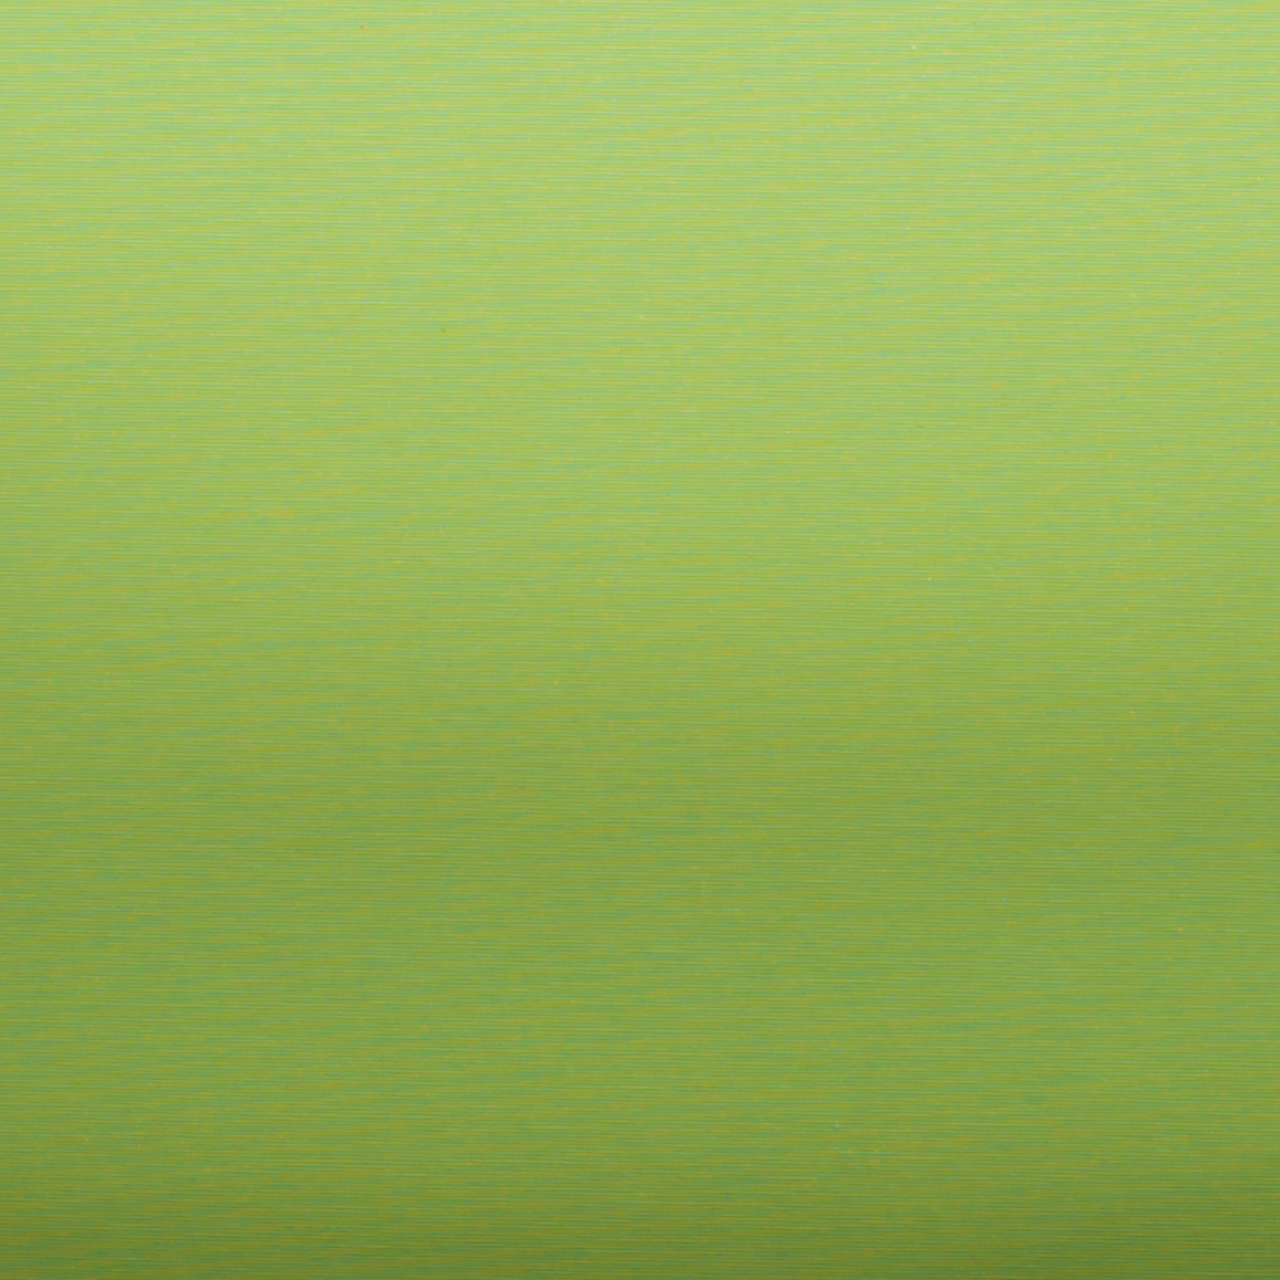 Kissenhüllen einfarbig